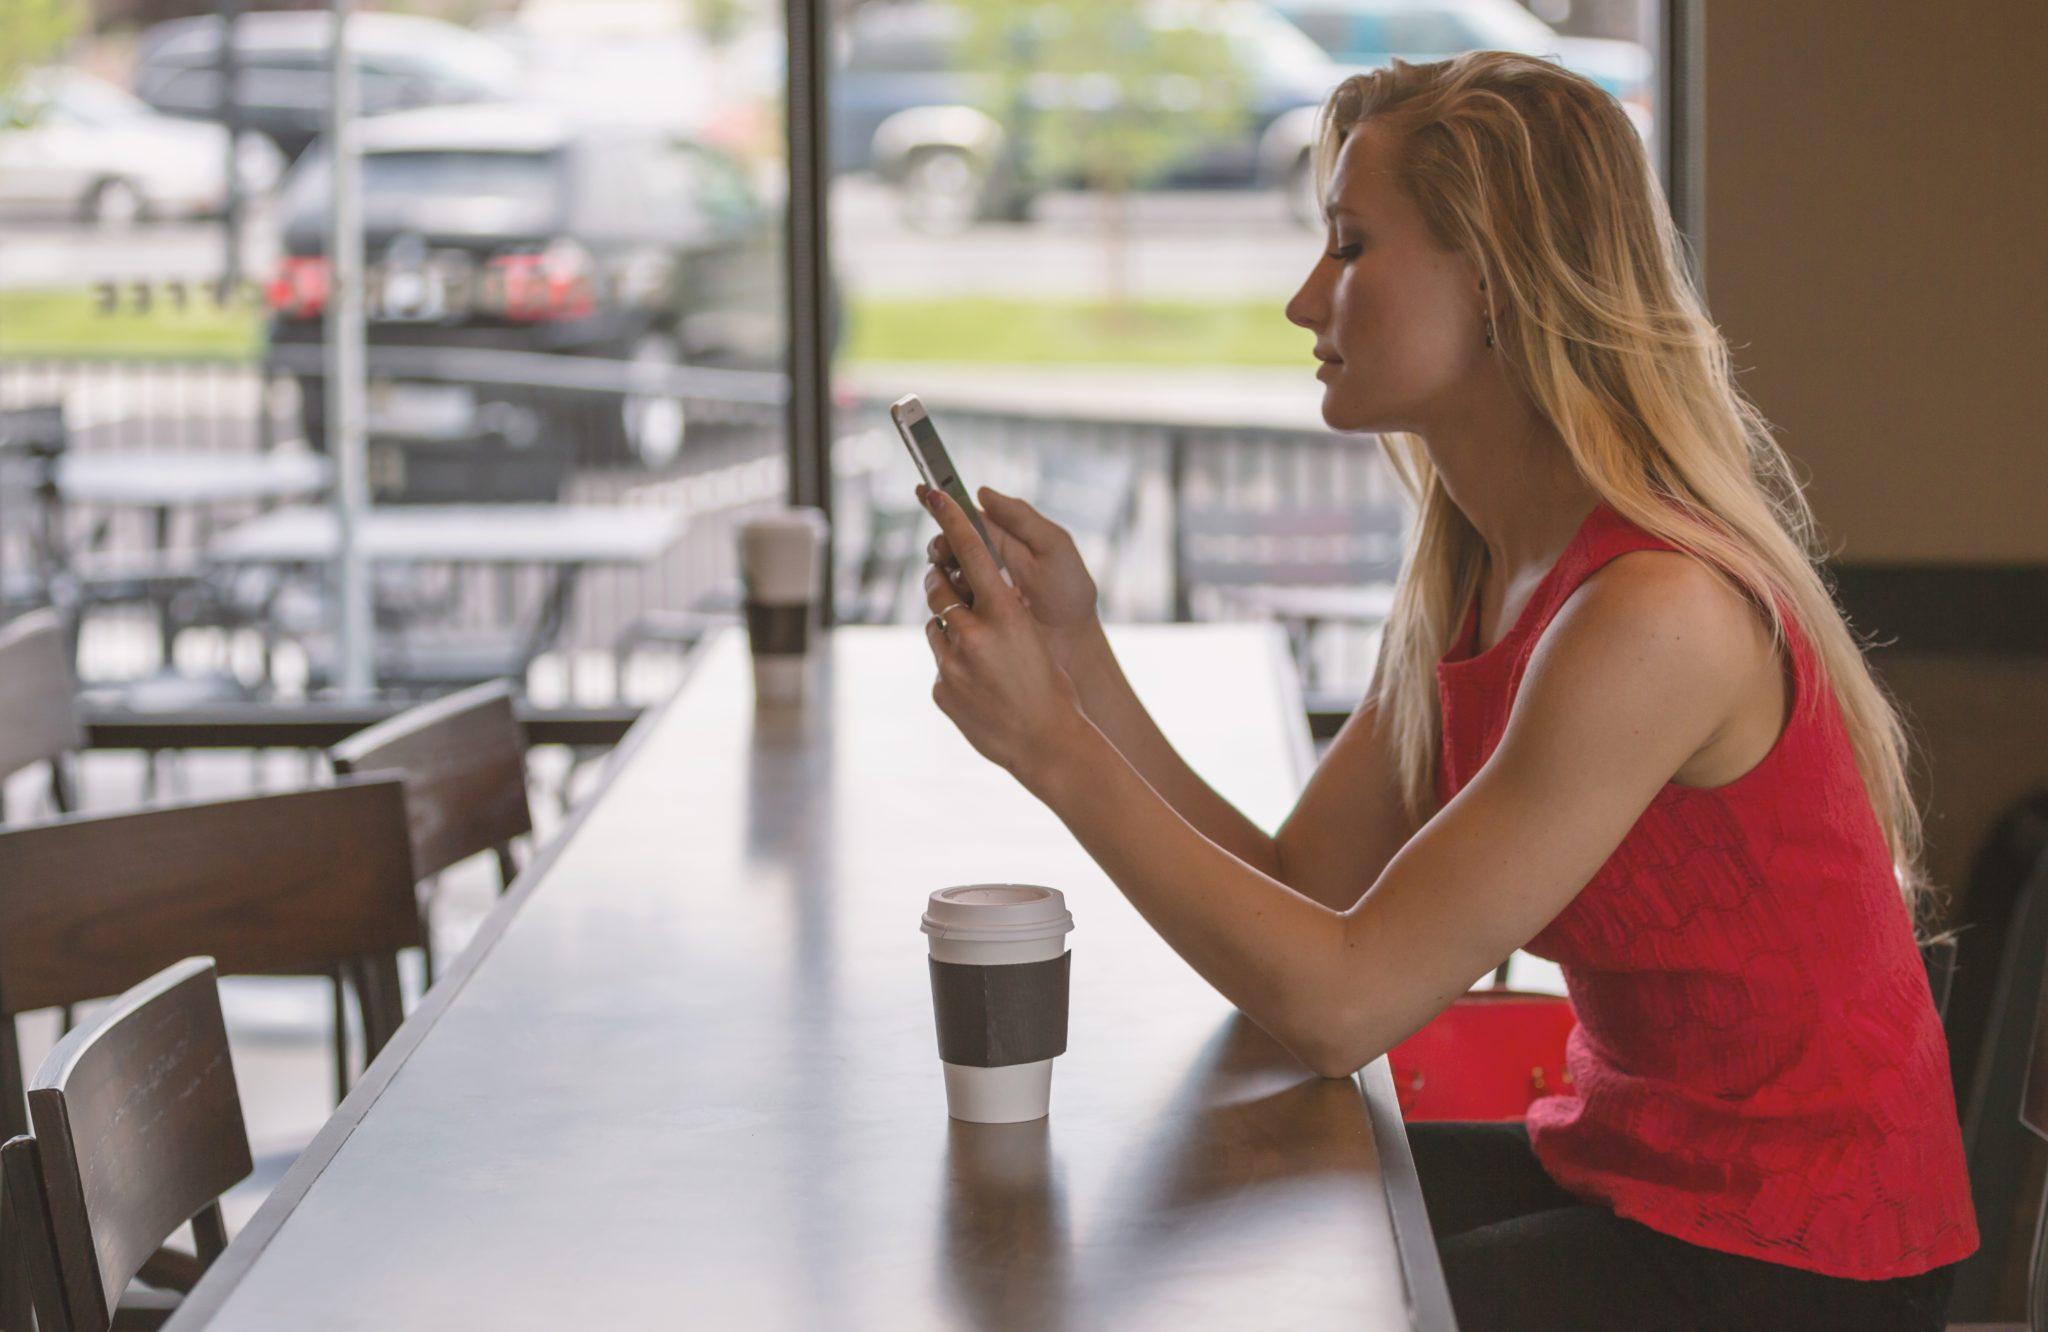 Frau sitzt in einem Kaffee. Vor ihr ein Kaffee, in den Händen hält sie ein Smartphone.